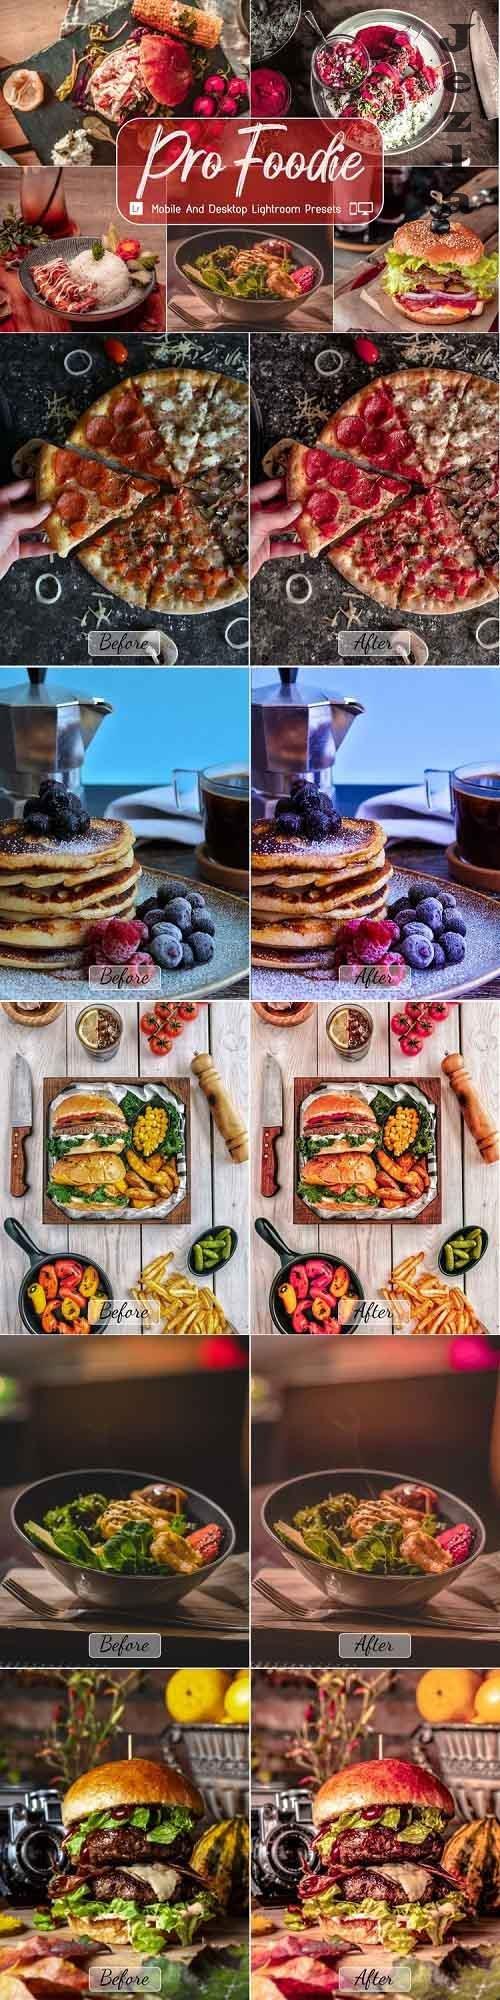 8 Pro Foodie Mobile And Desktop Lightroom Presets - 1135921